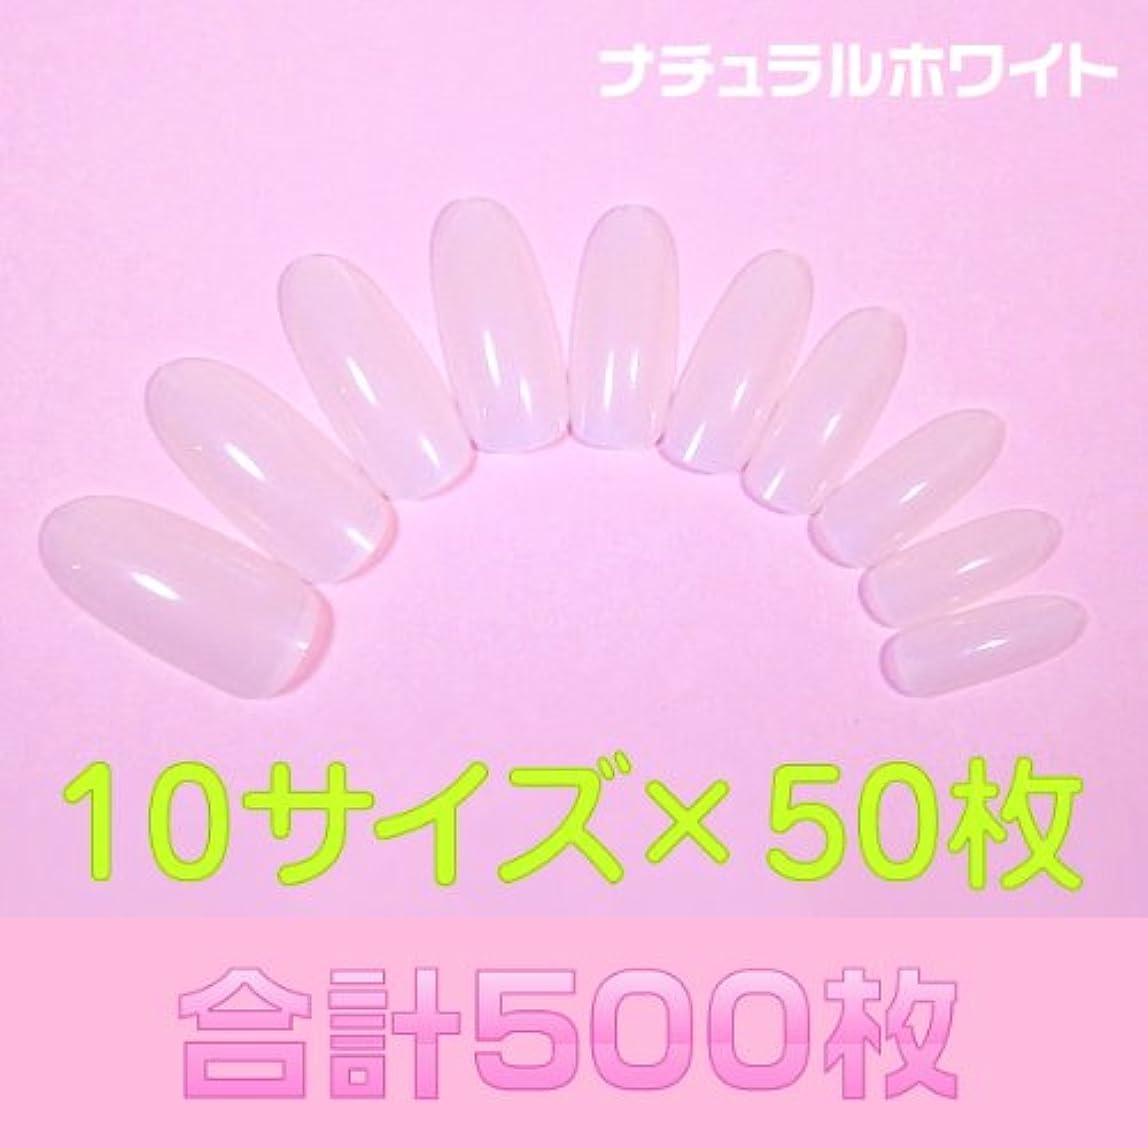 結婚式レインコートリアルネイルチップ 無地 ナチュラルホワイト ロングオーバル500枚 [#4]フルカバーオーダー用通販 つけ爪付け爪